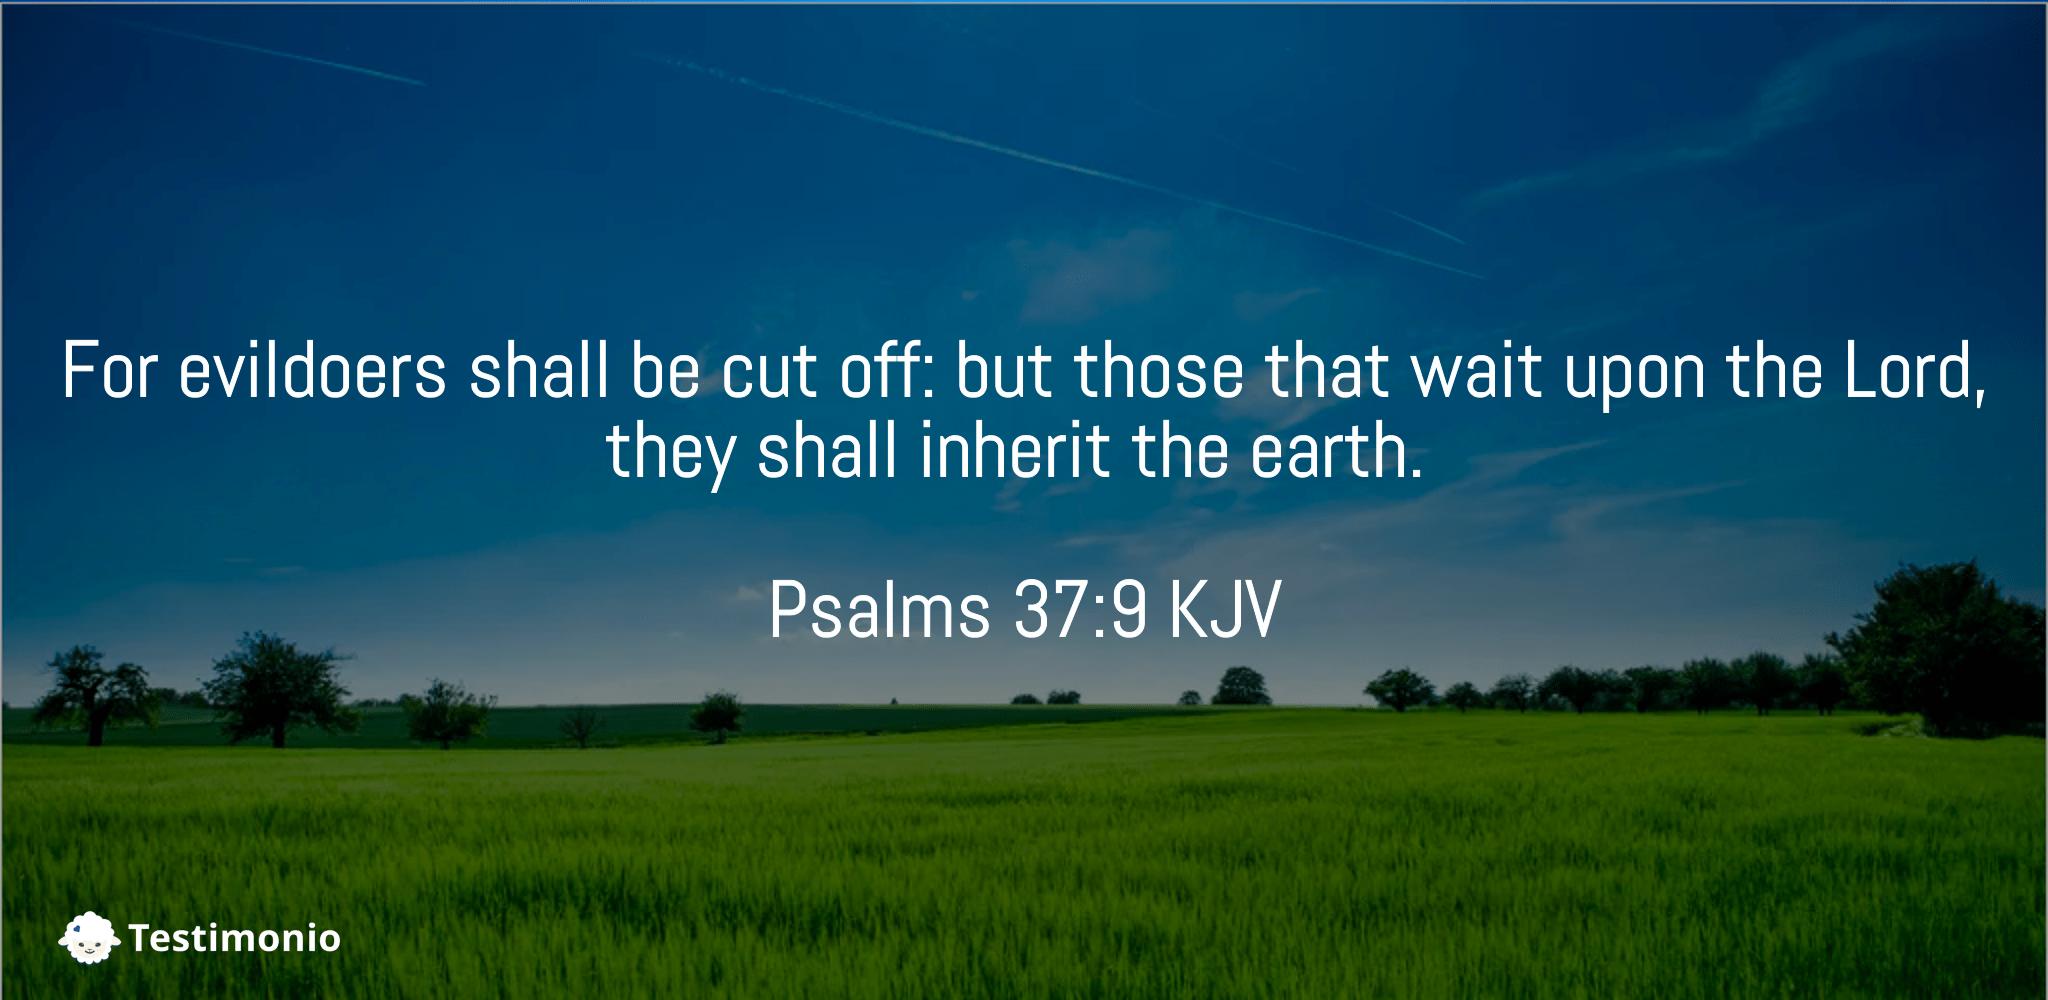 Psalms 37:9